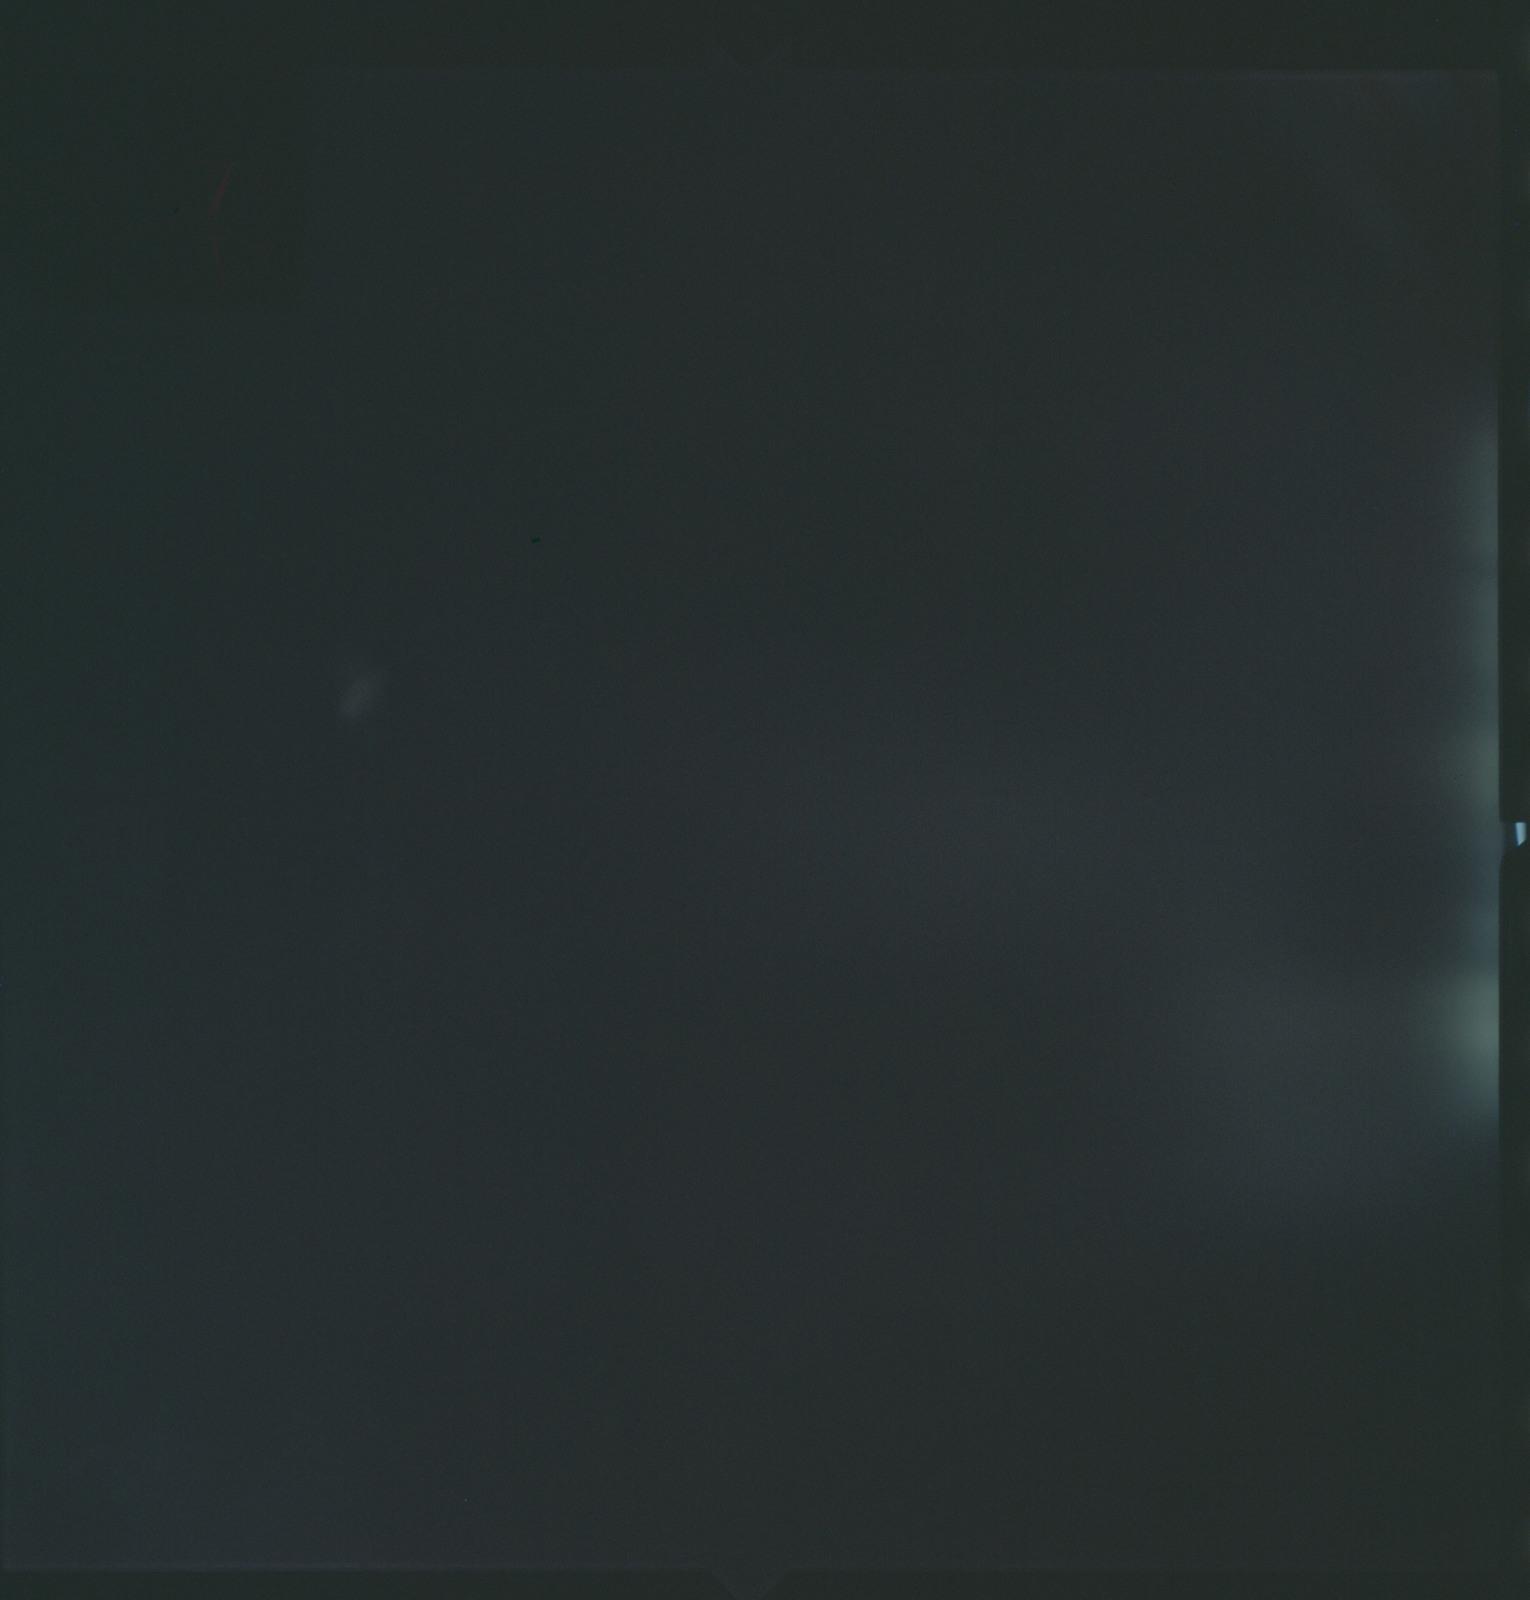 AS04-01-039 - Apollo 4